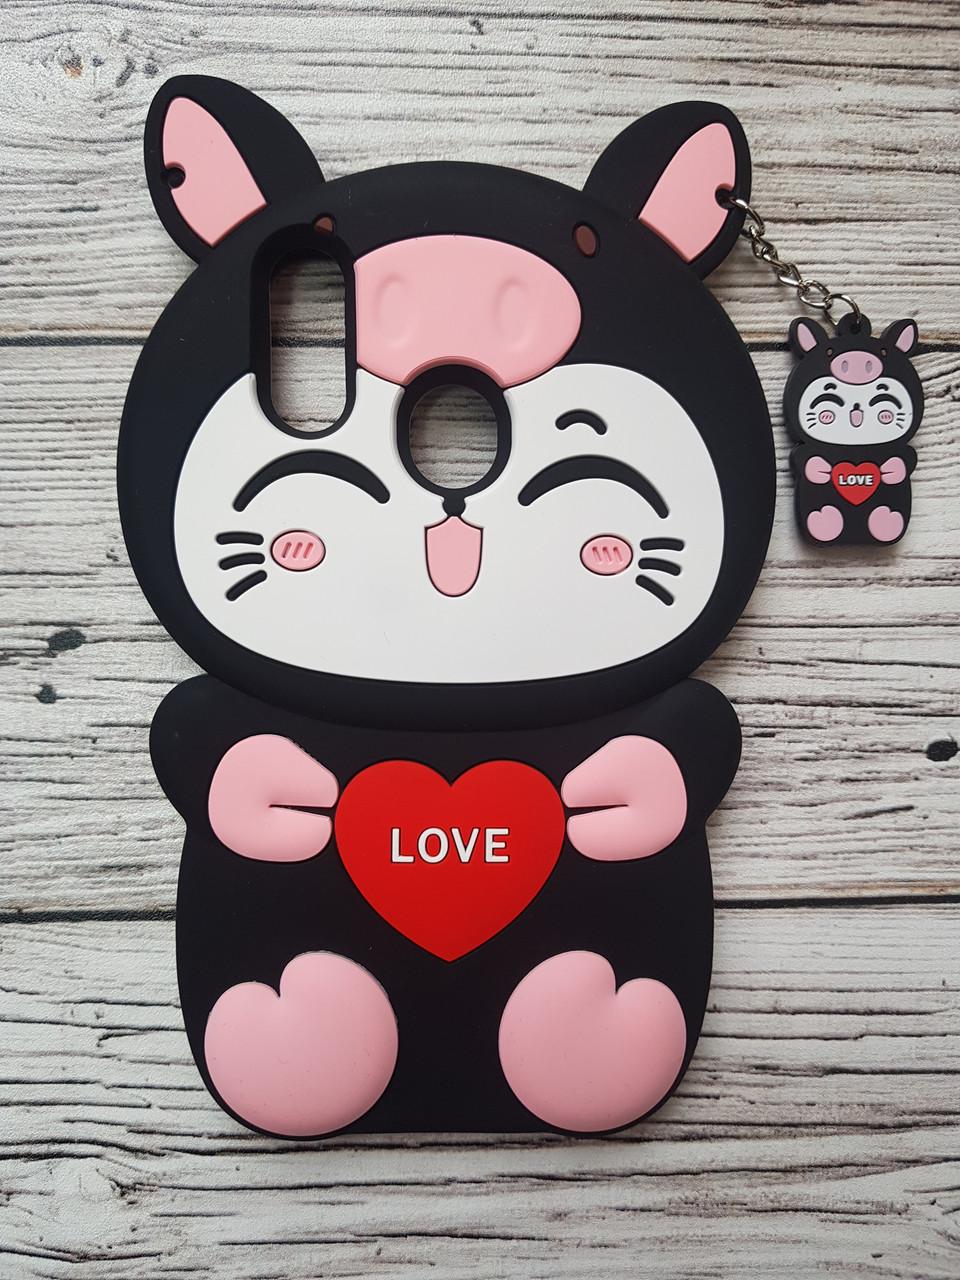 Об'ємний 3D силіконовий чохол для Huawei P Smart Plus Hello Kitty Чорна свинка